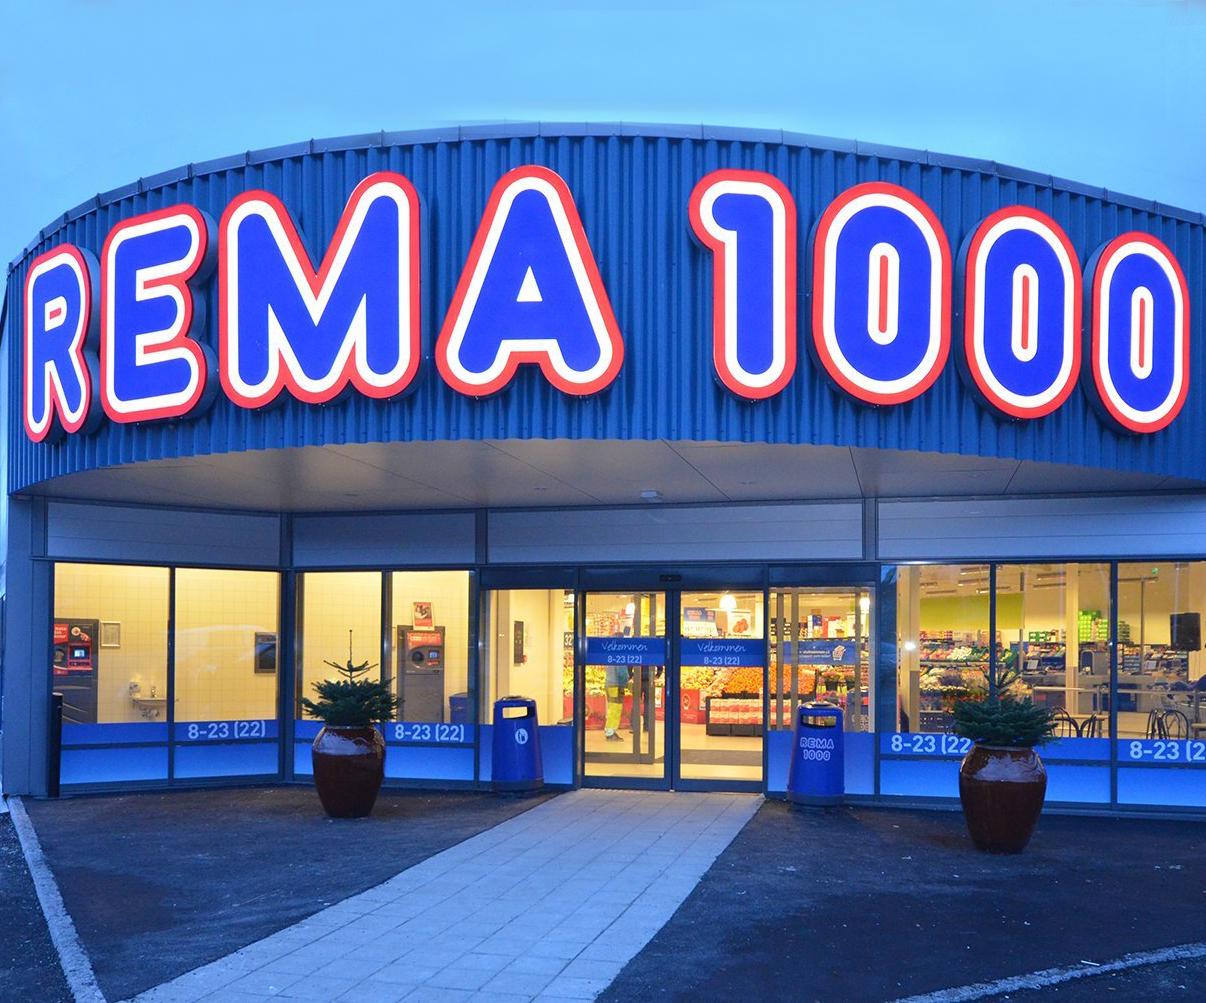 Rema 1000 digitaliserer ved hjelp av communicate